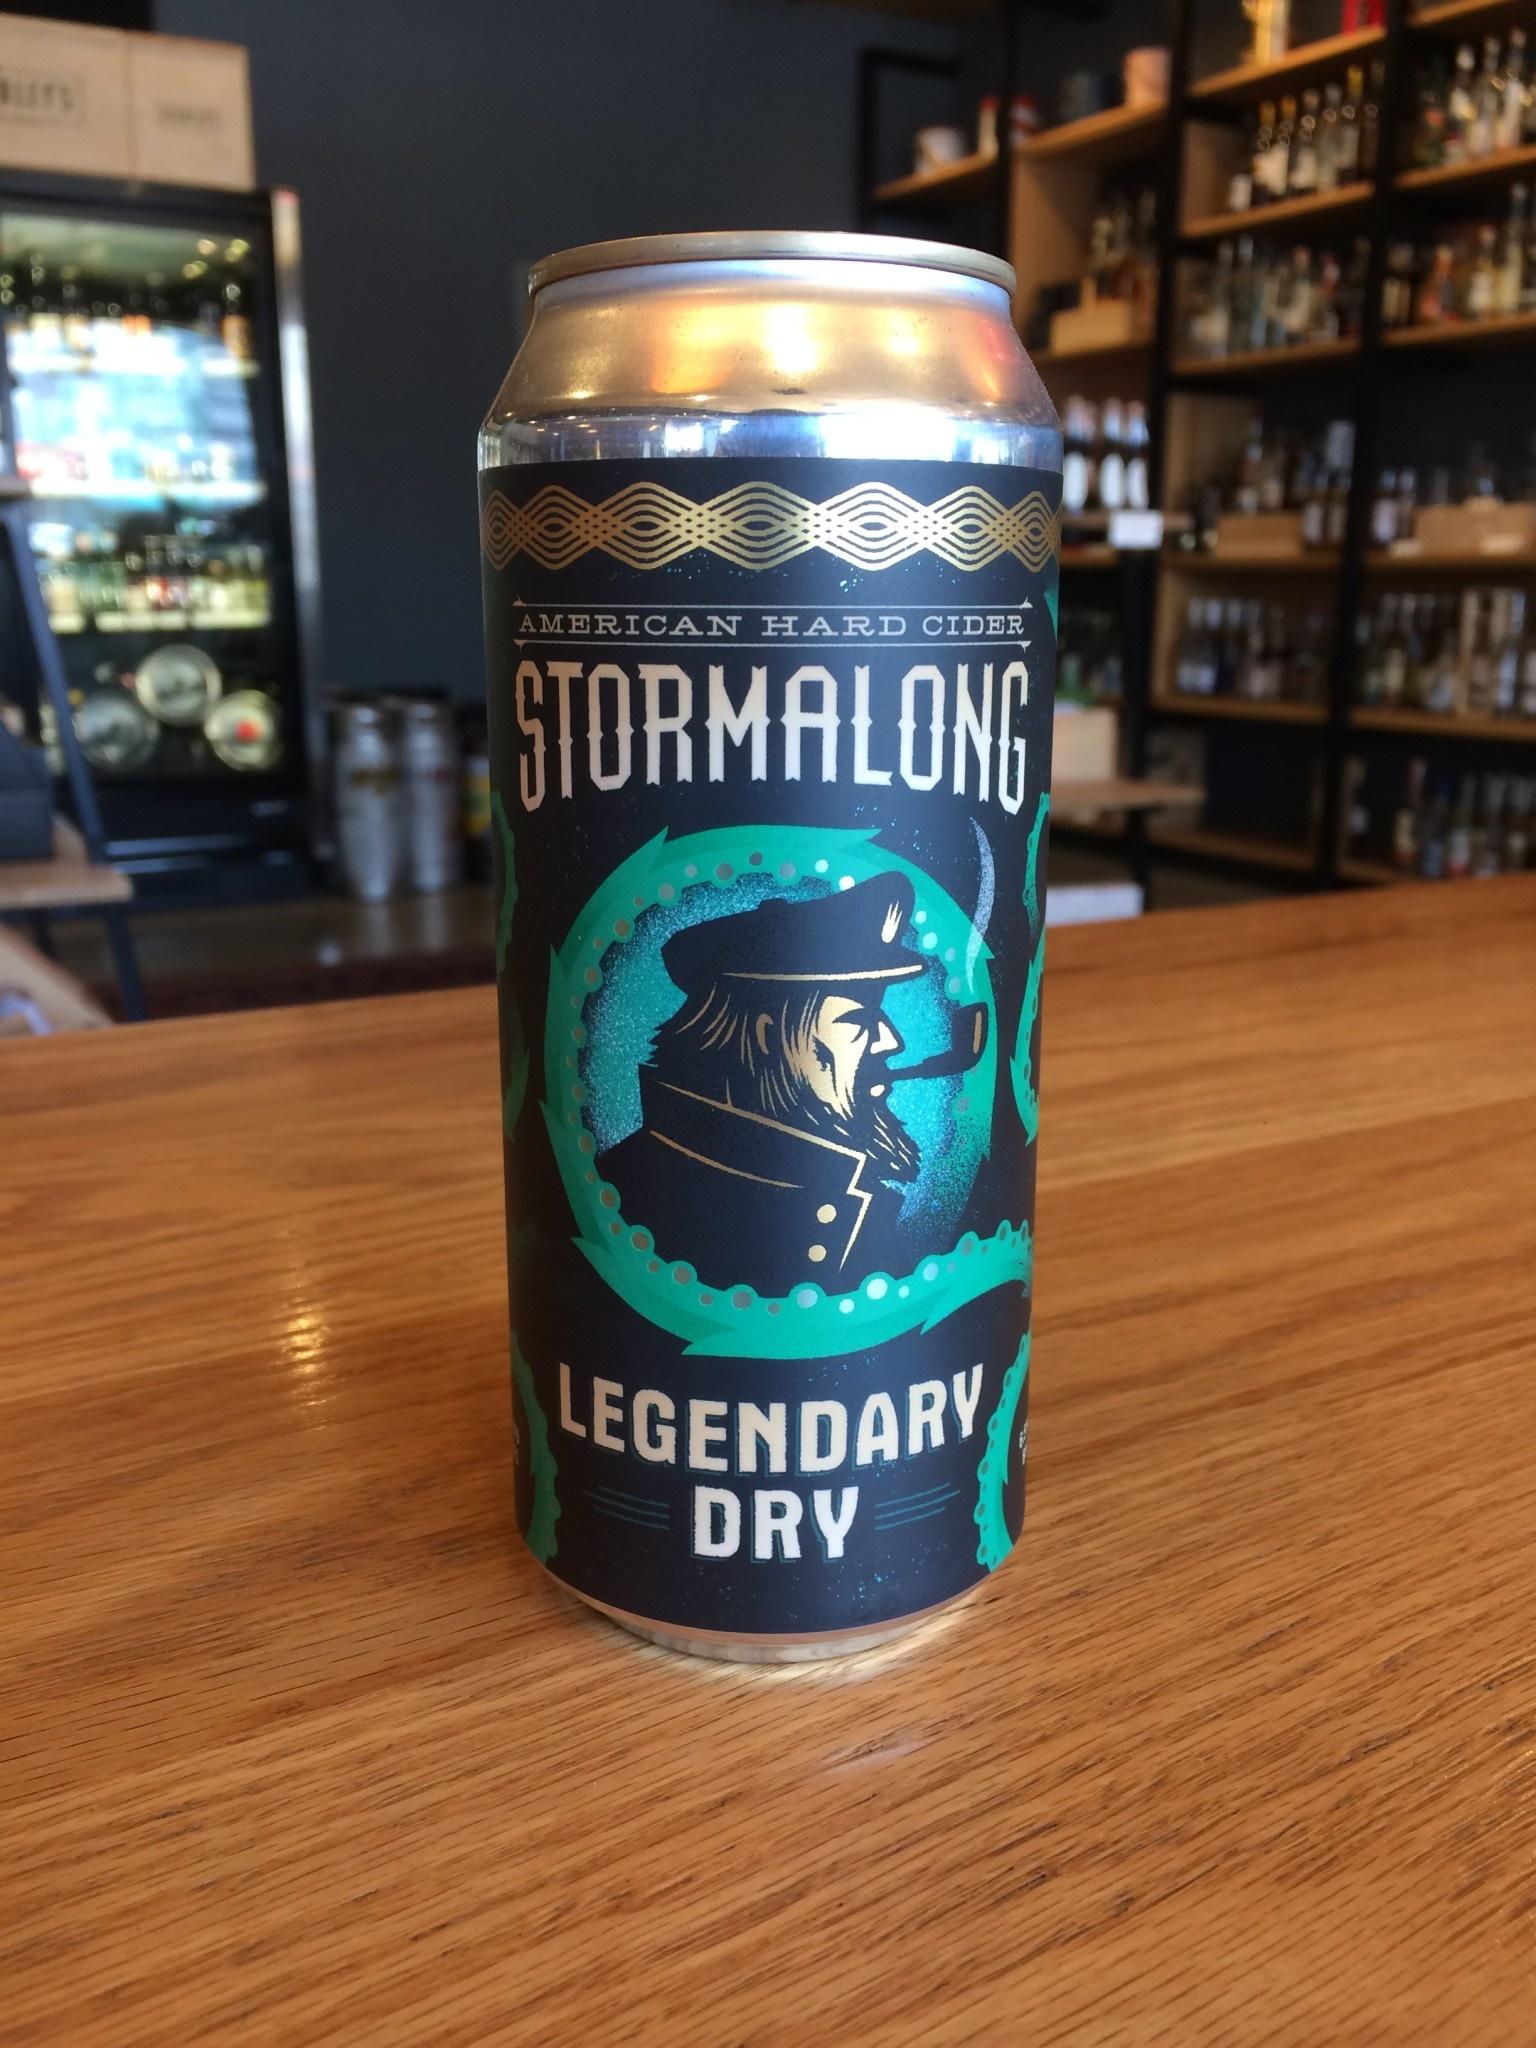 Stormalong Cider Stormalong Cider Legendary Dry 16oz can